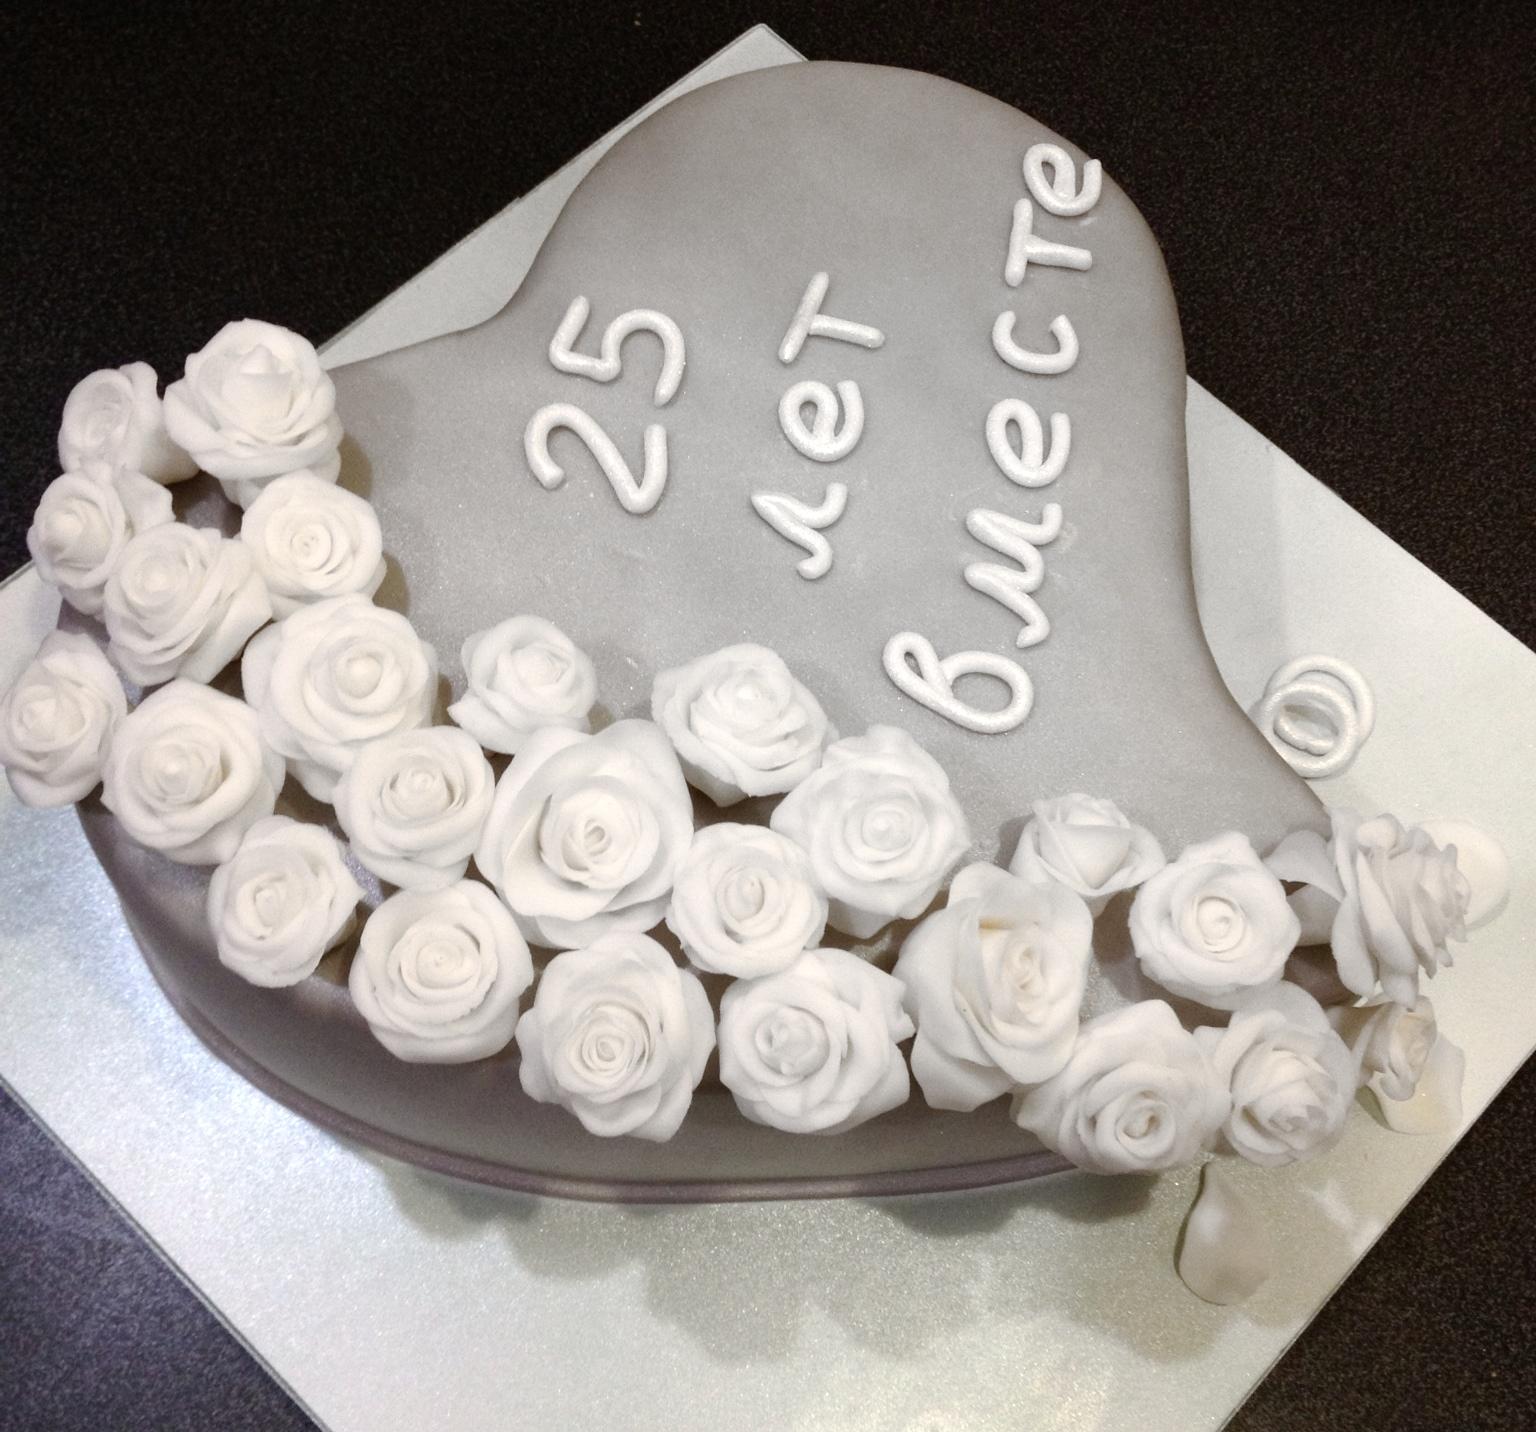 25 лет свадьбы какая годовщина